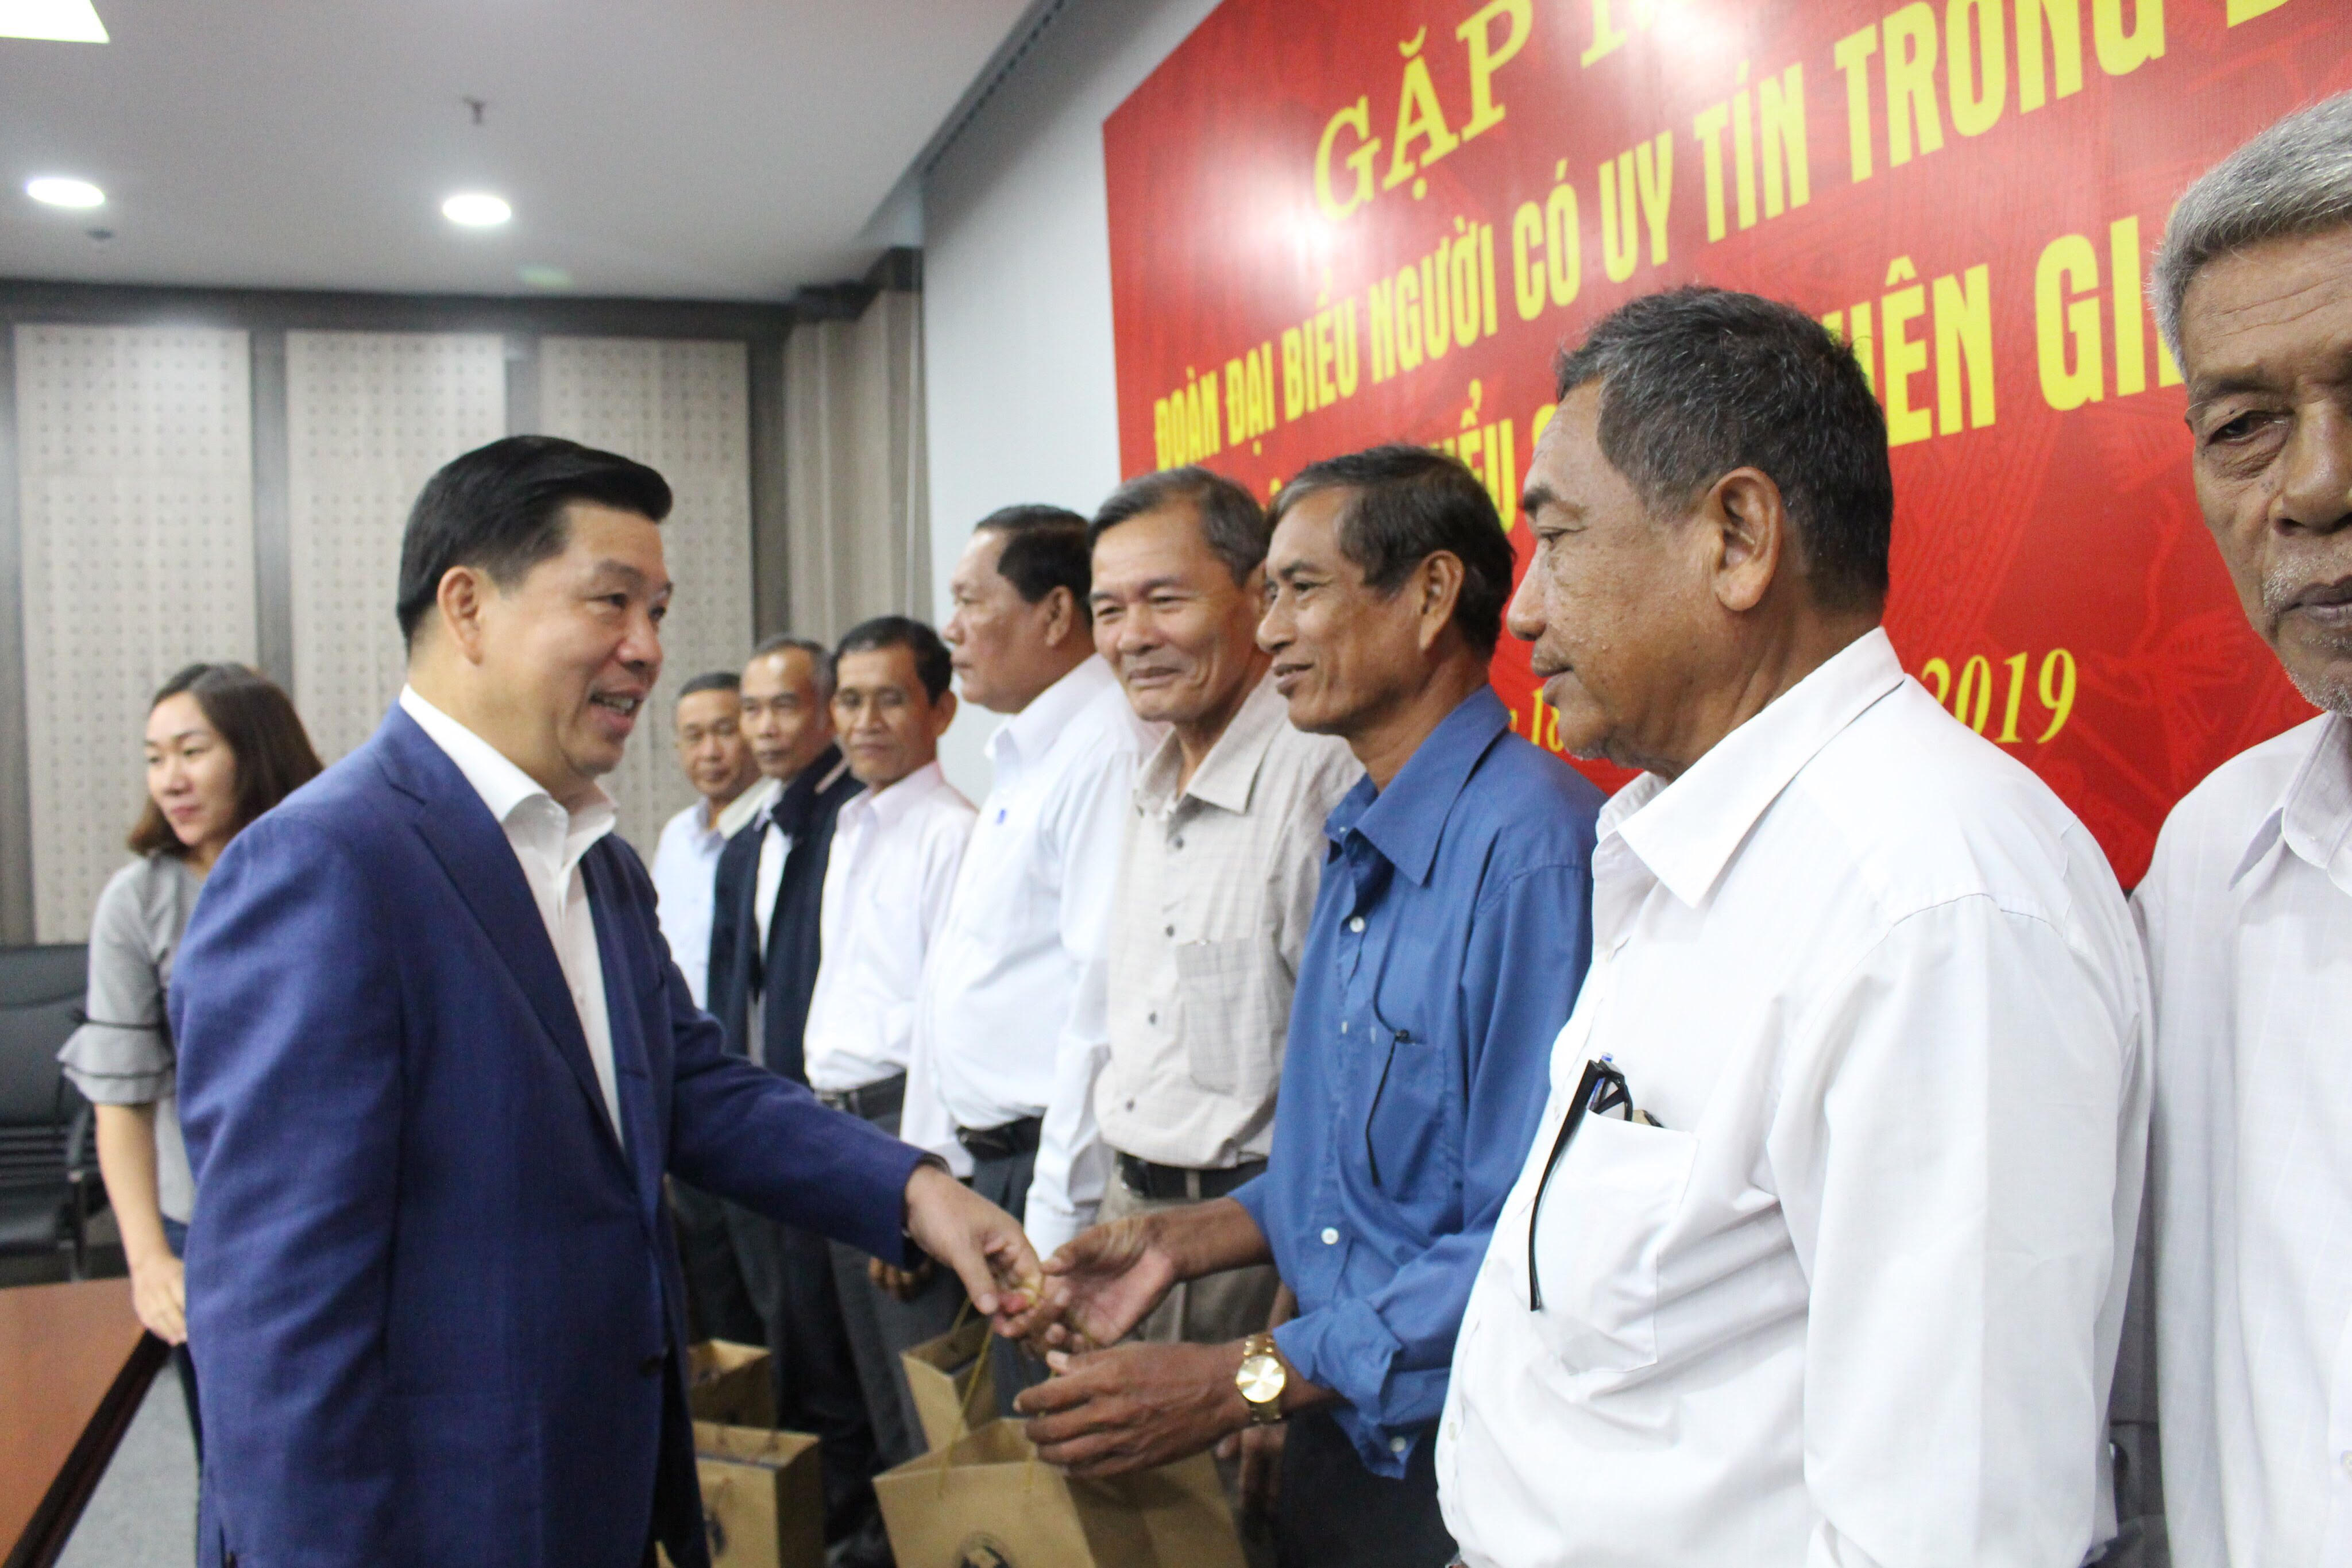 Thứ trưởng, Phó Chủ nhiệm UBDT Lê Sơn Hải tặng quà cho các đại biểu.